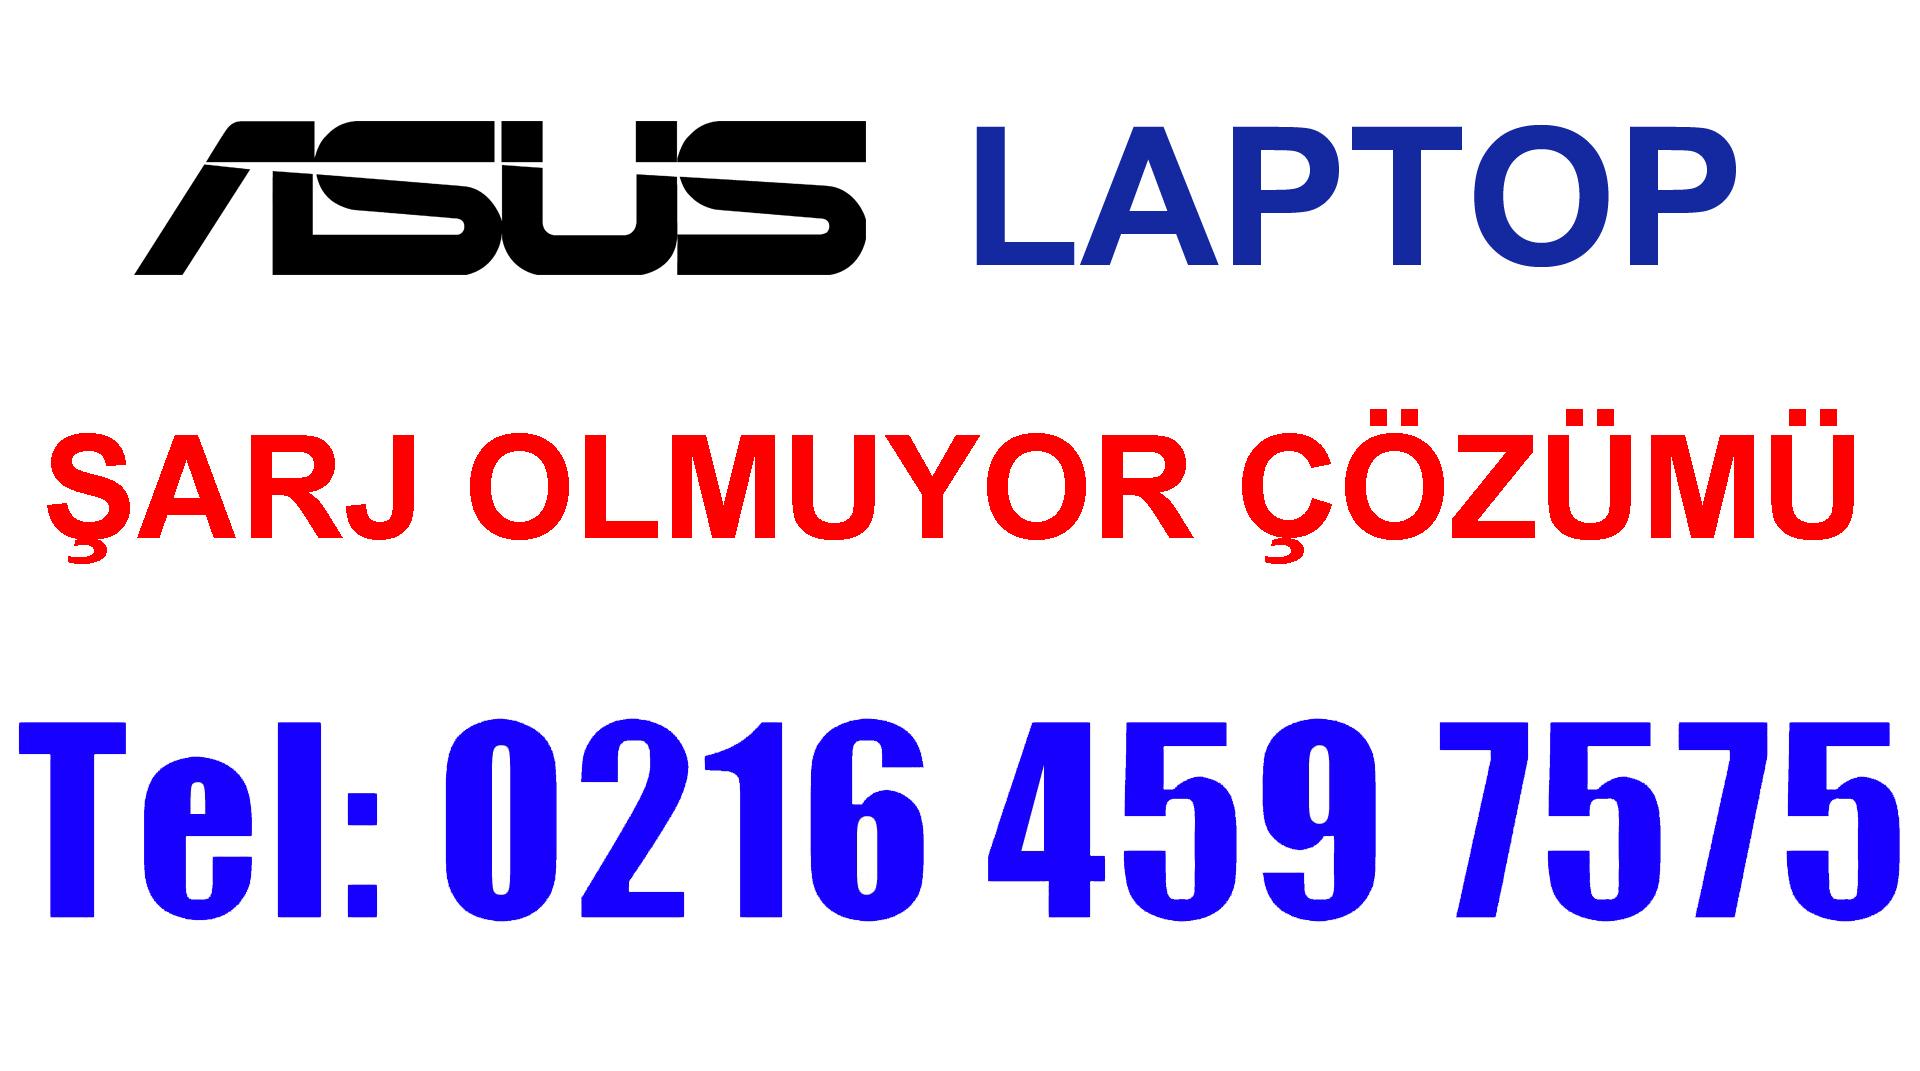 Asus Laptop Şarj Olmuyor Prize Takılı Dolmuyor